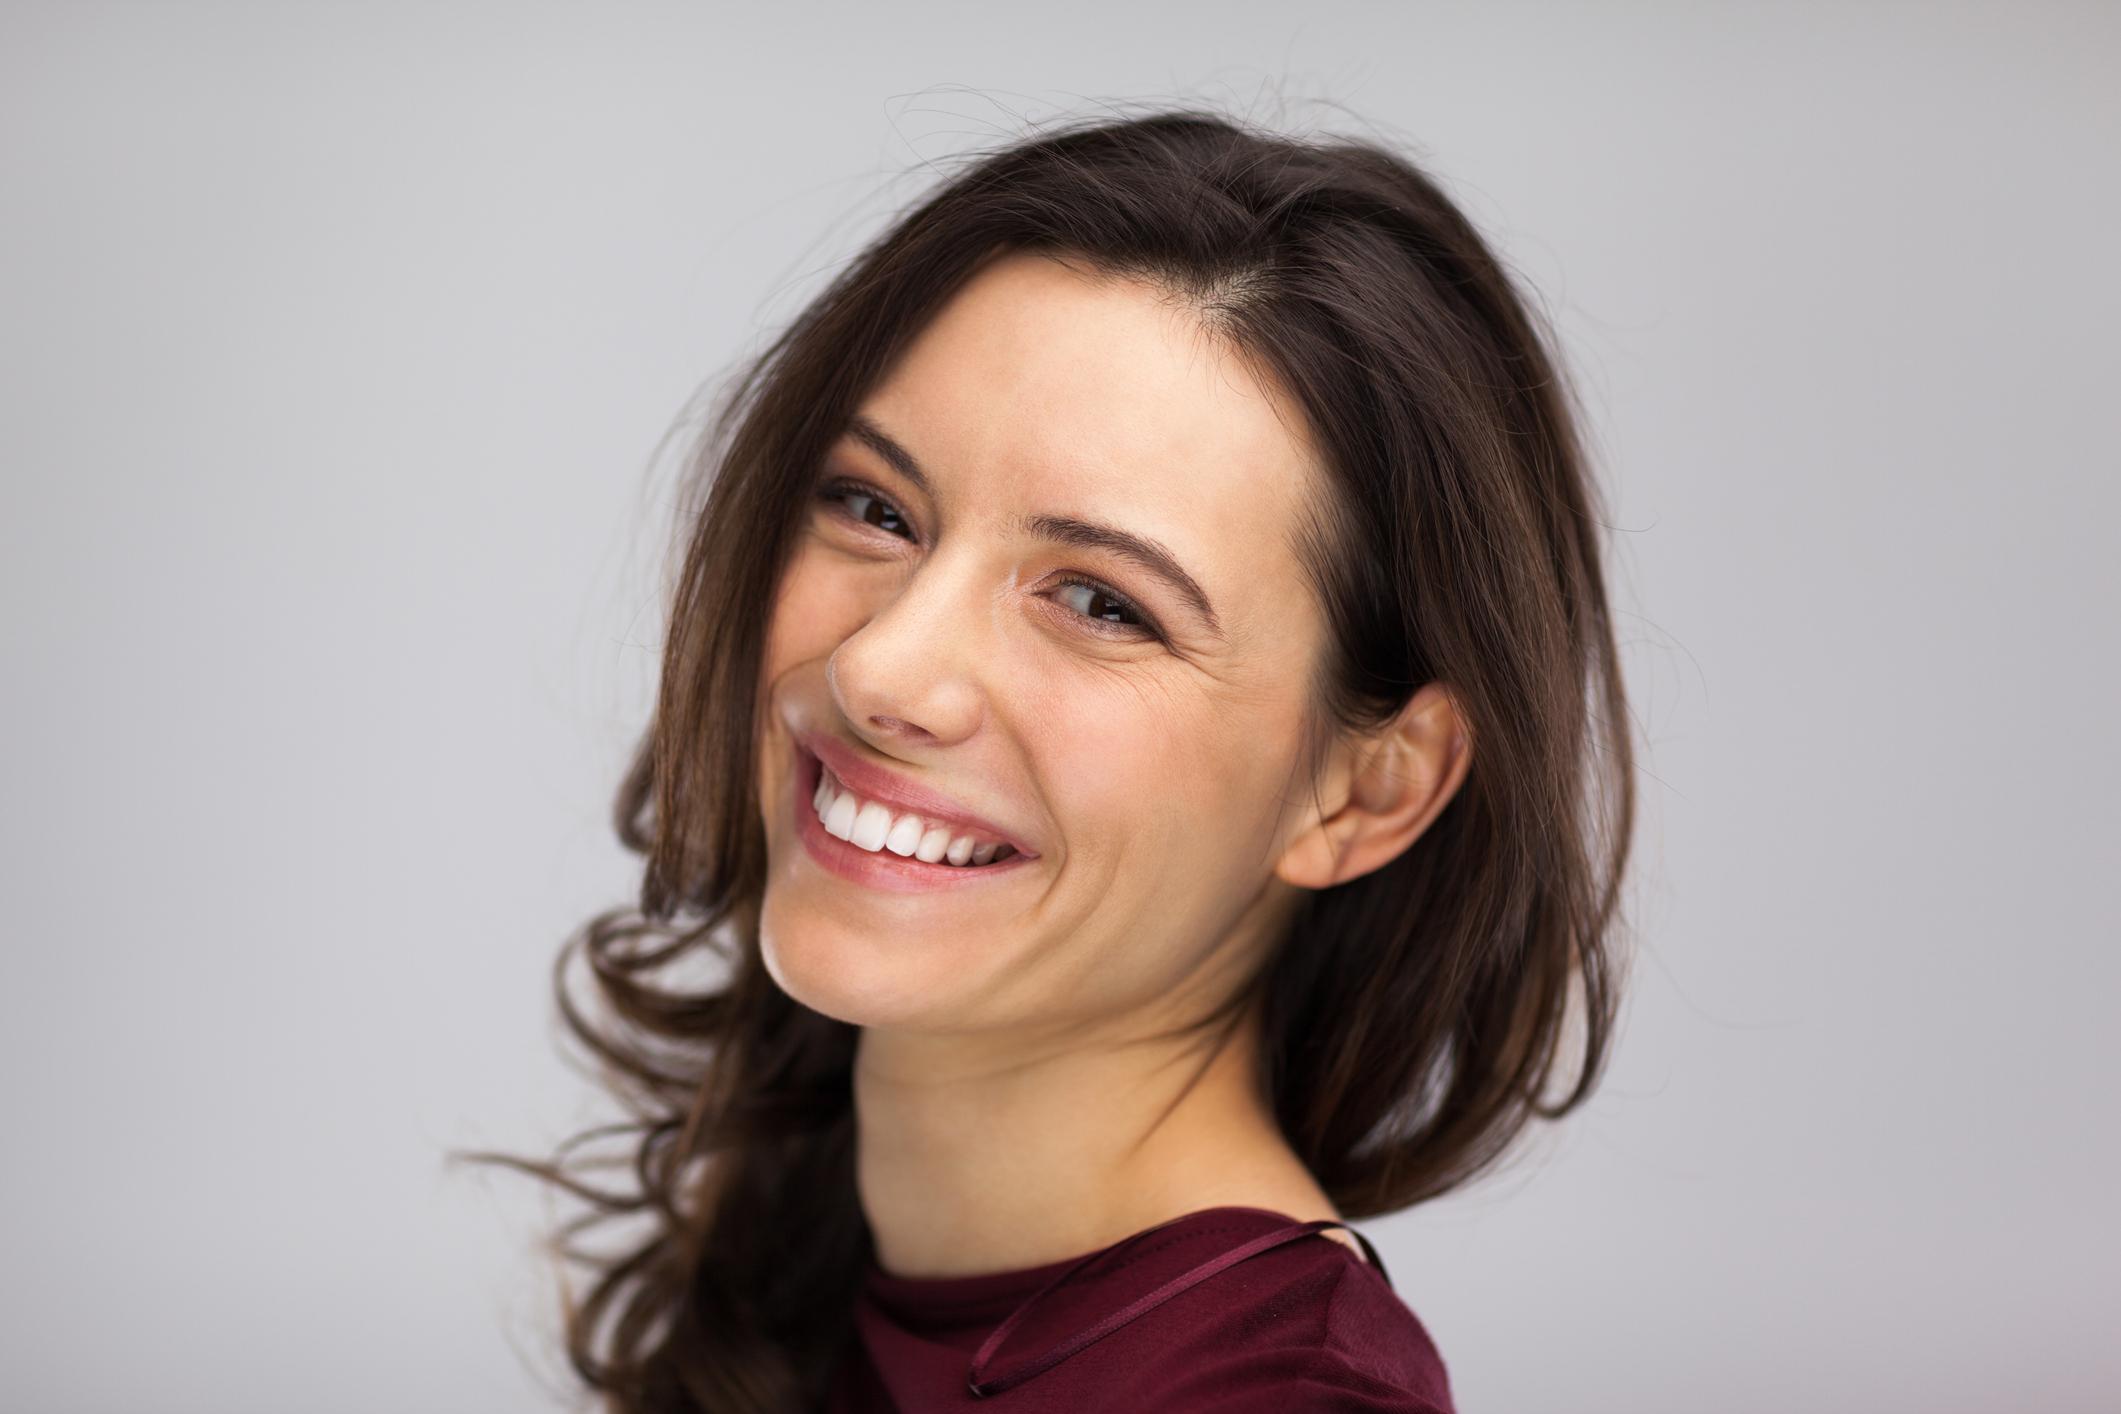 Carillas dentales, el tratamiento estrella para una sonrisa bonita